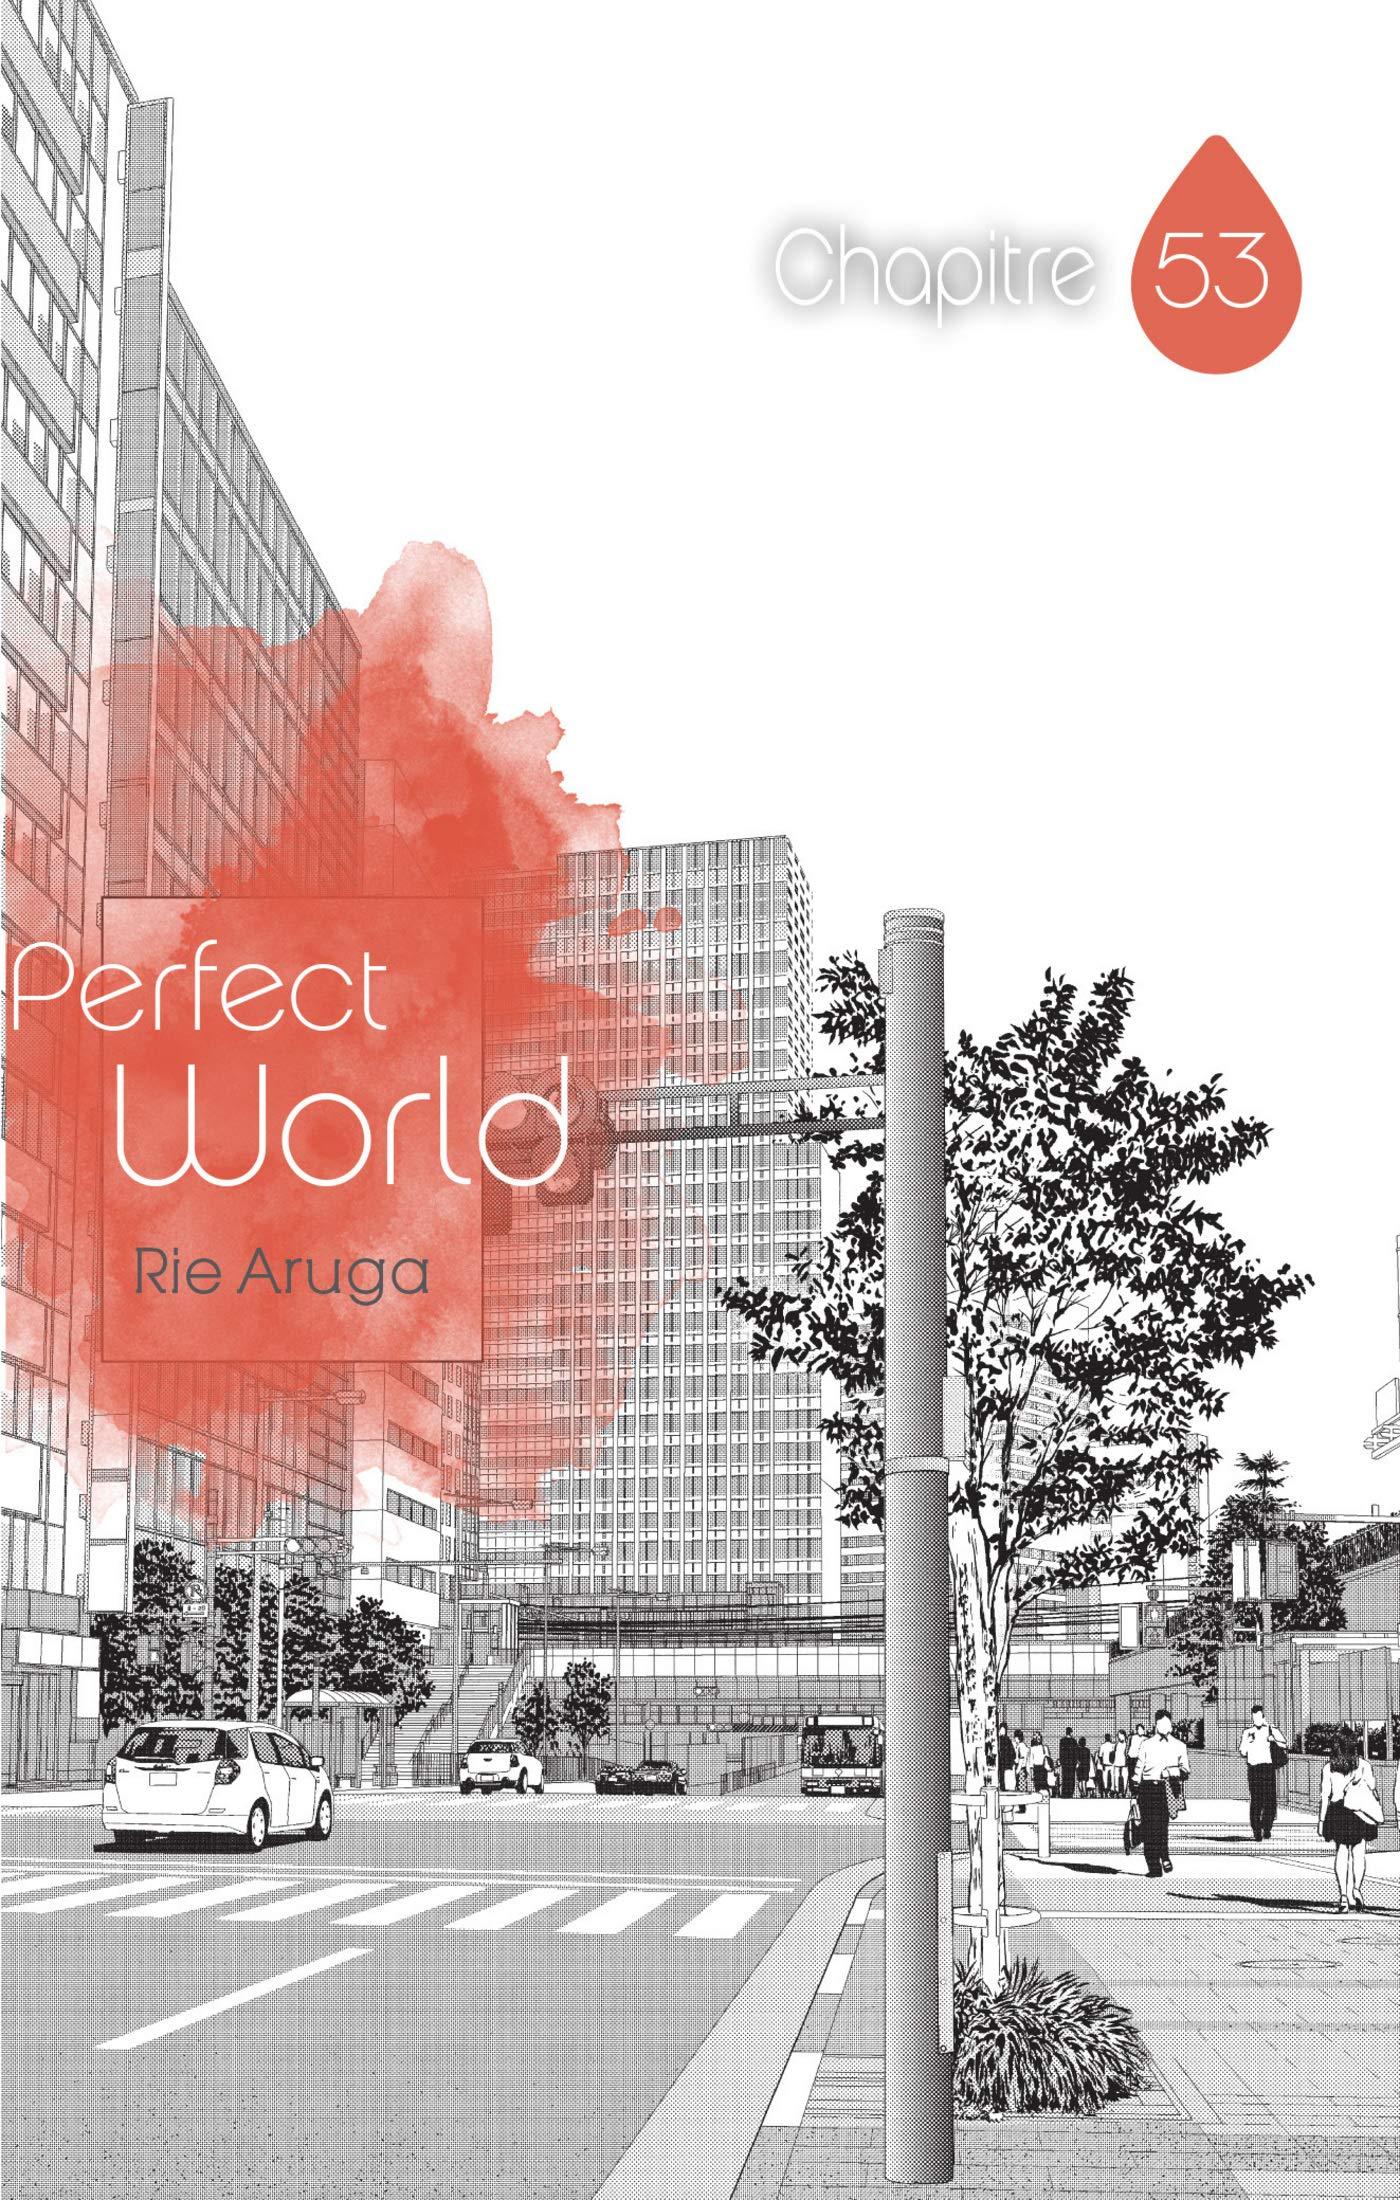 Perfect World - Chapitre 53 par Rie Aruga